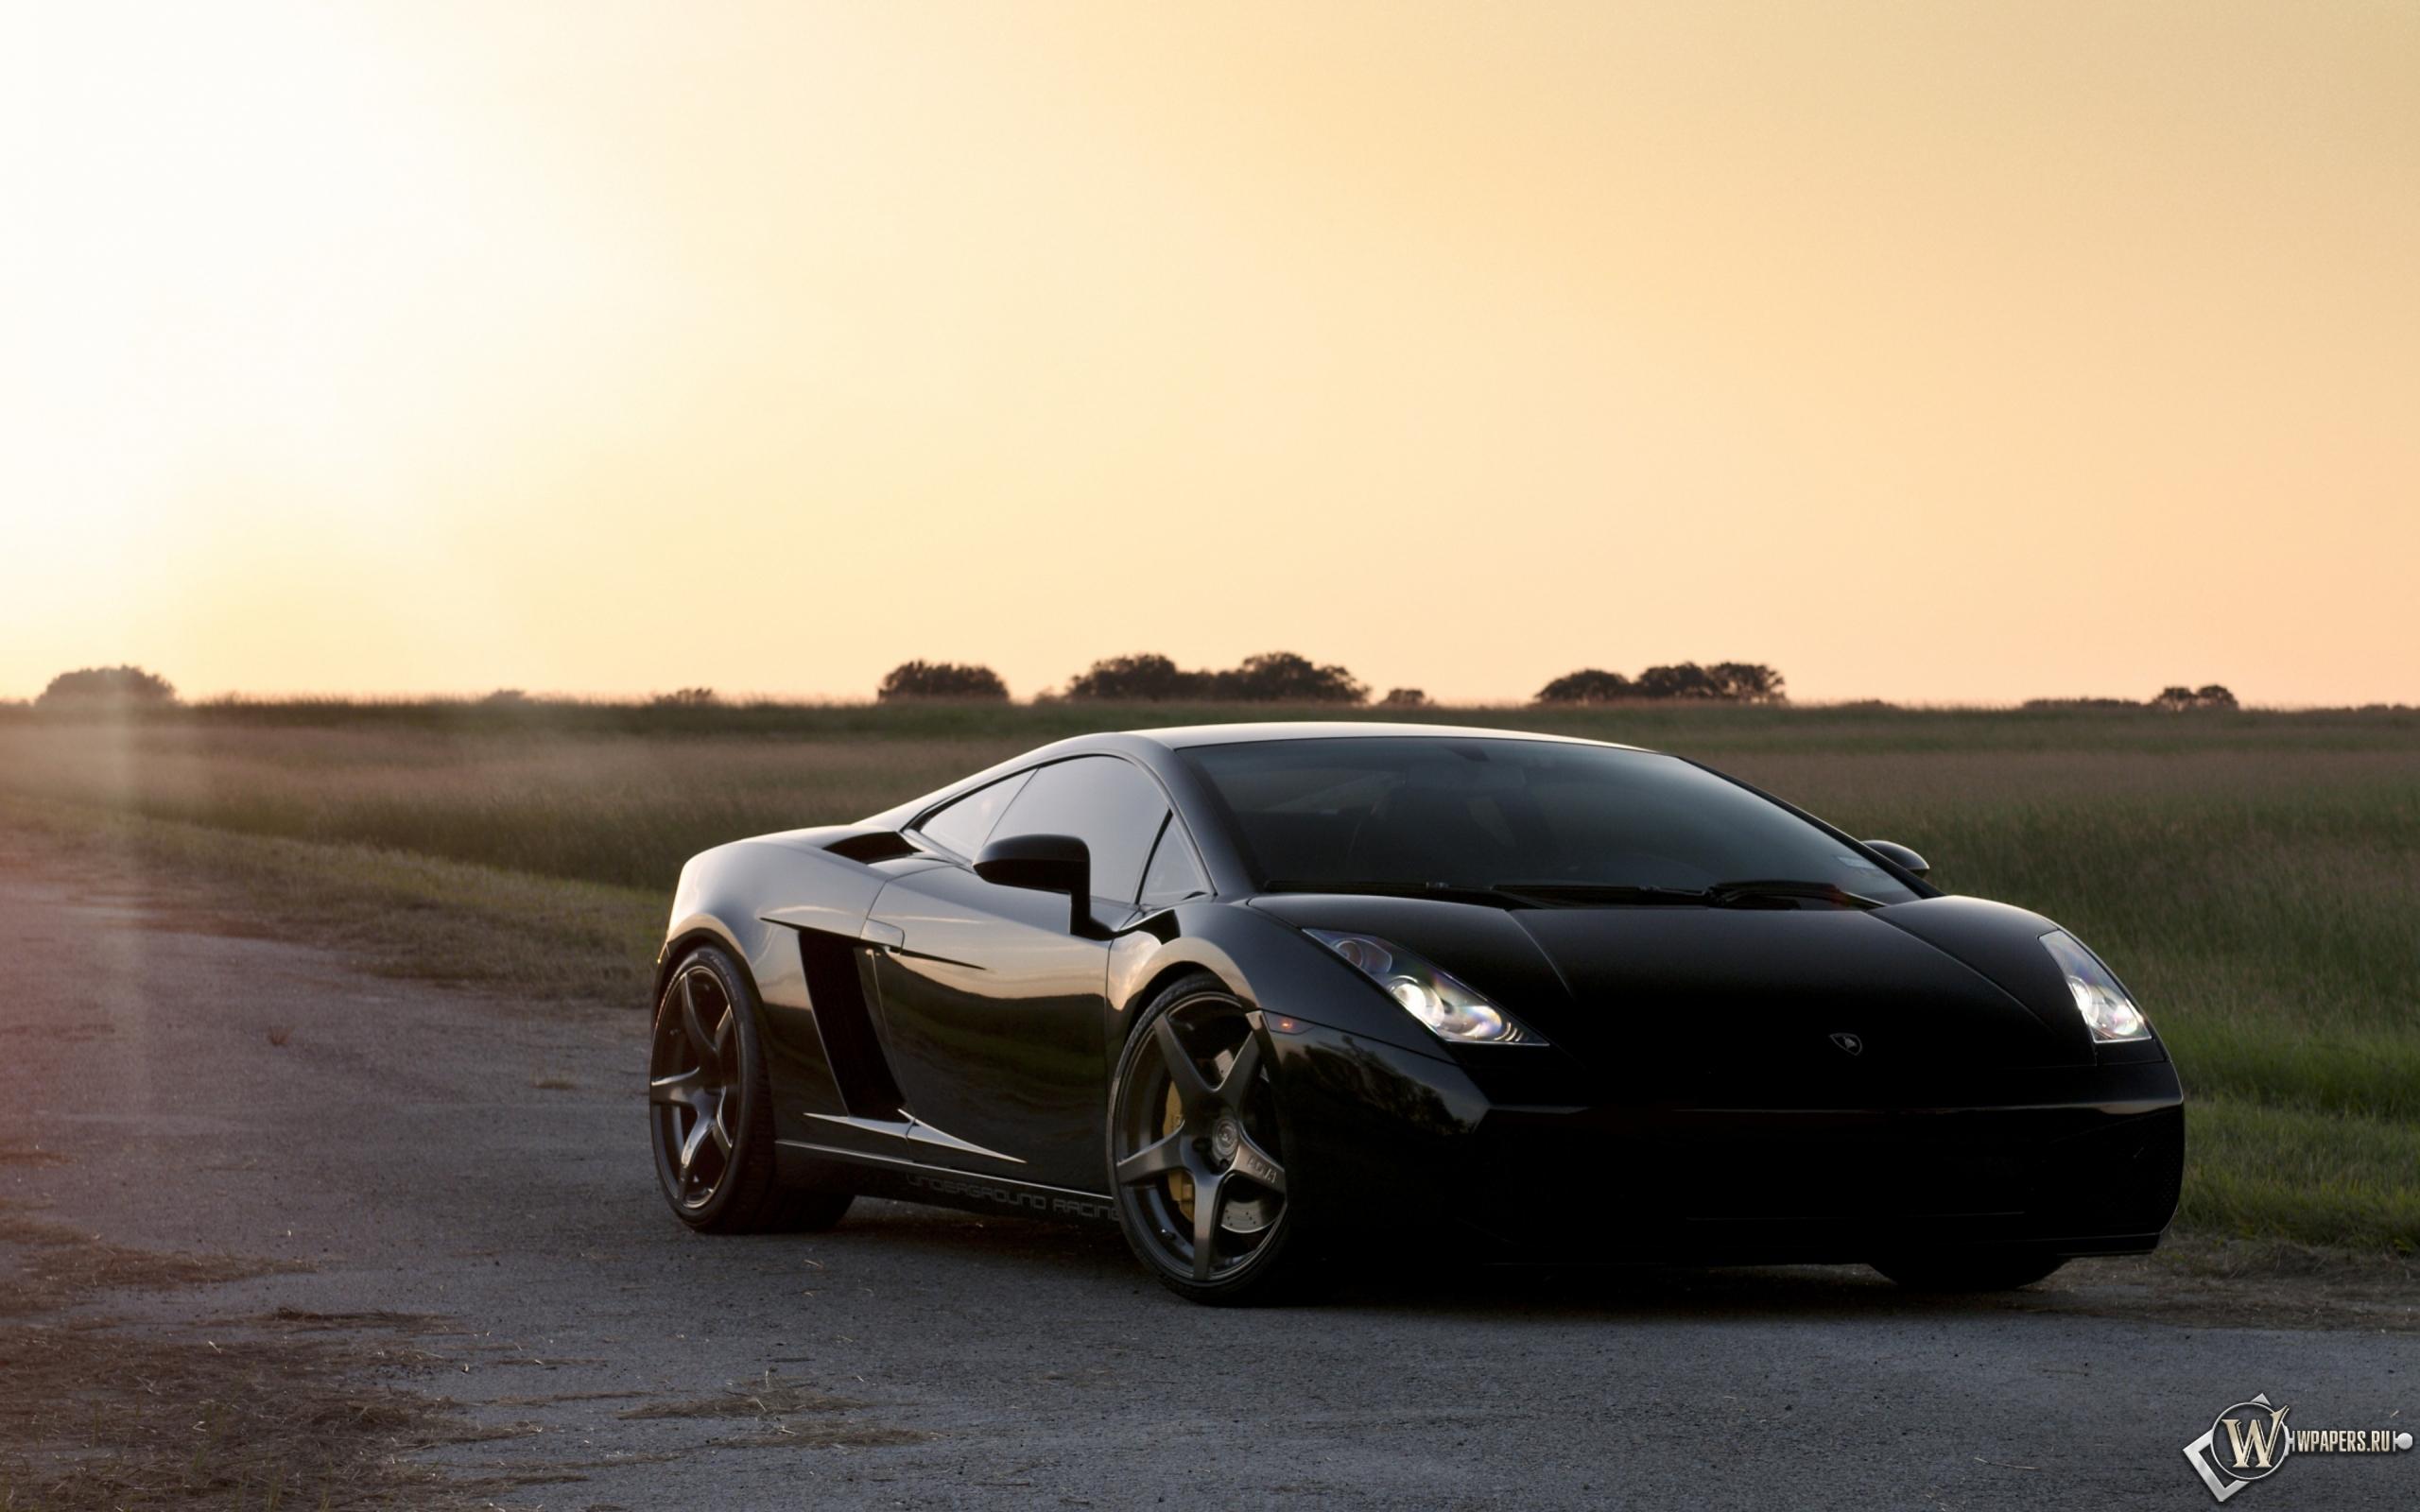 Lamborghini Gallardo 2560x1600